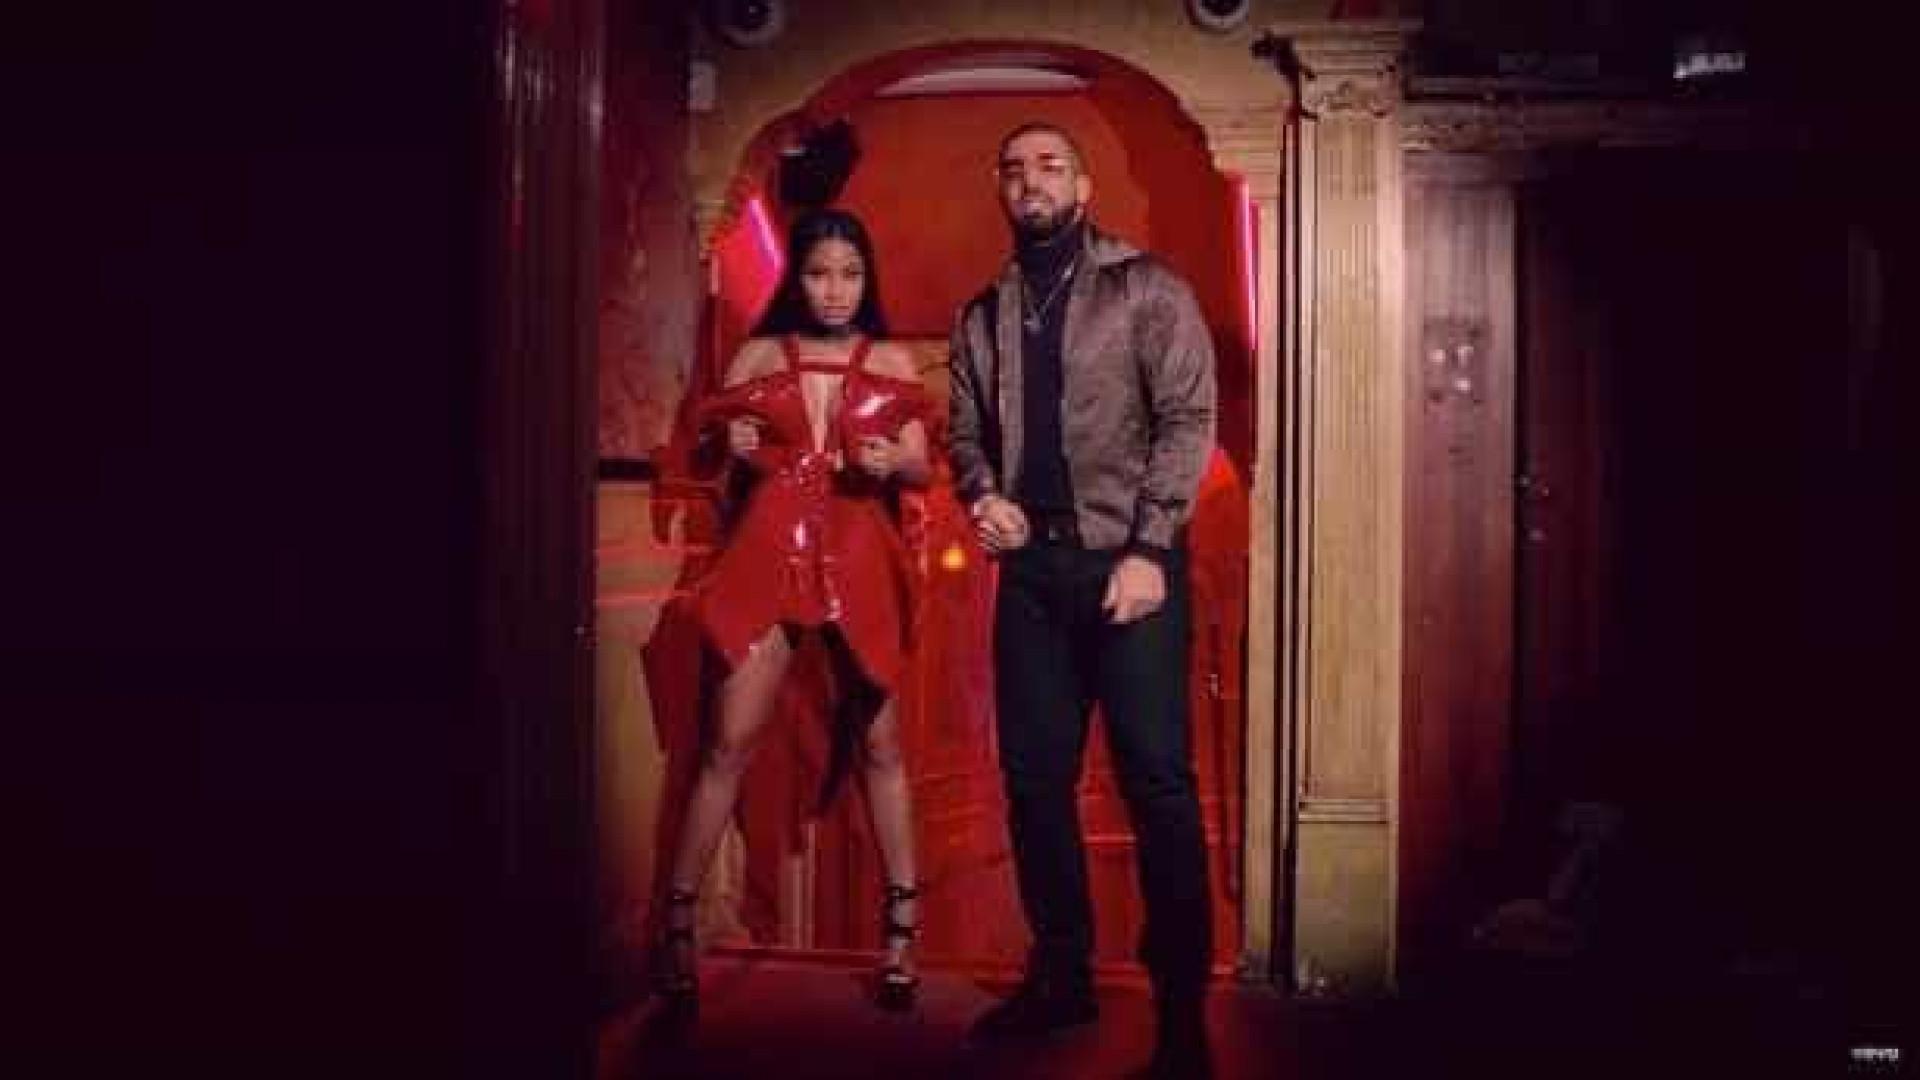 Fãs de Nicki Minaj acharam este videoclipe de mau gosto. Sabe porquê?